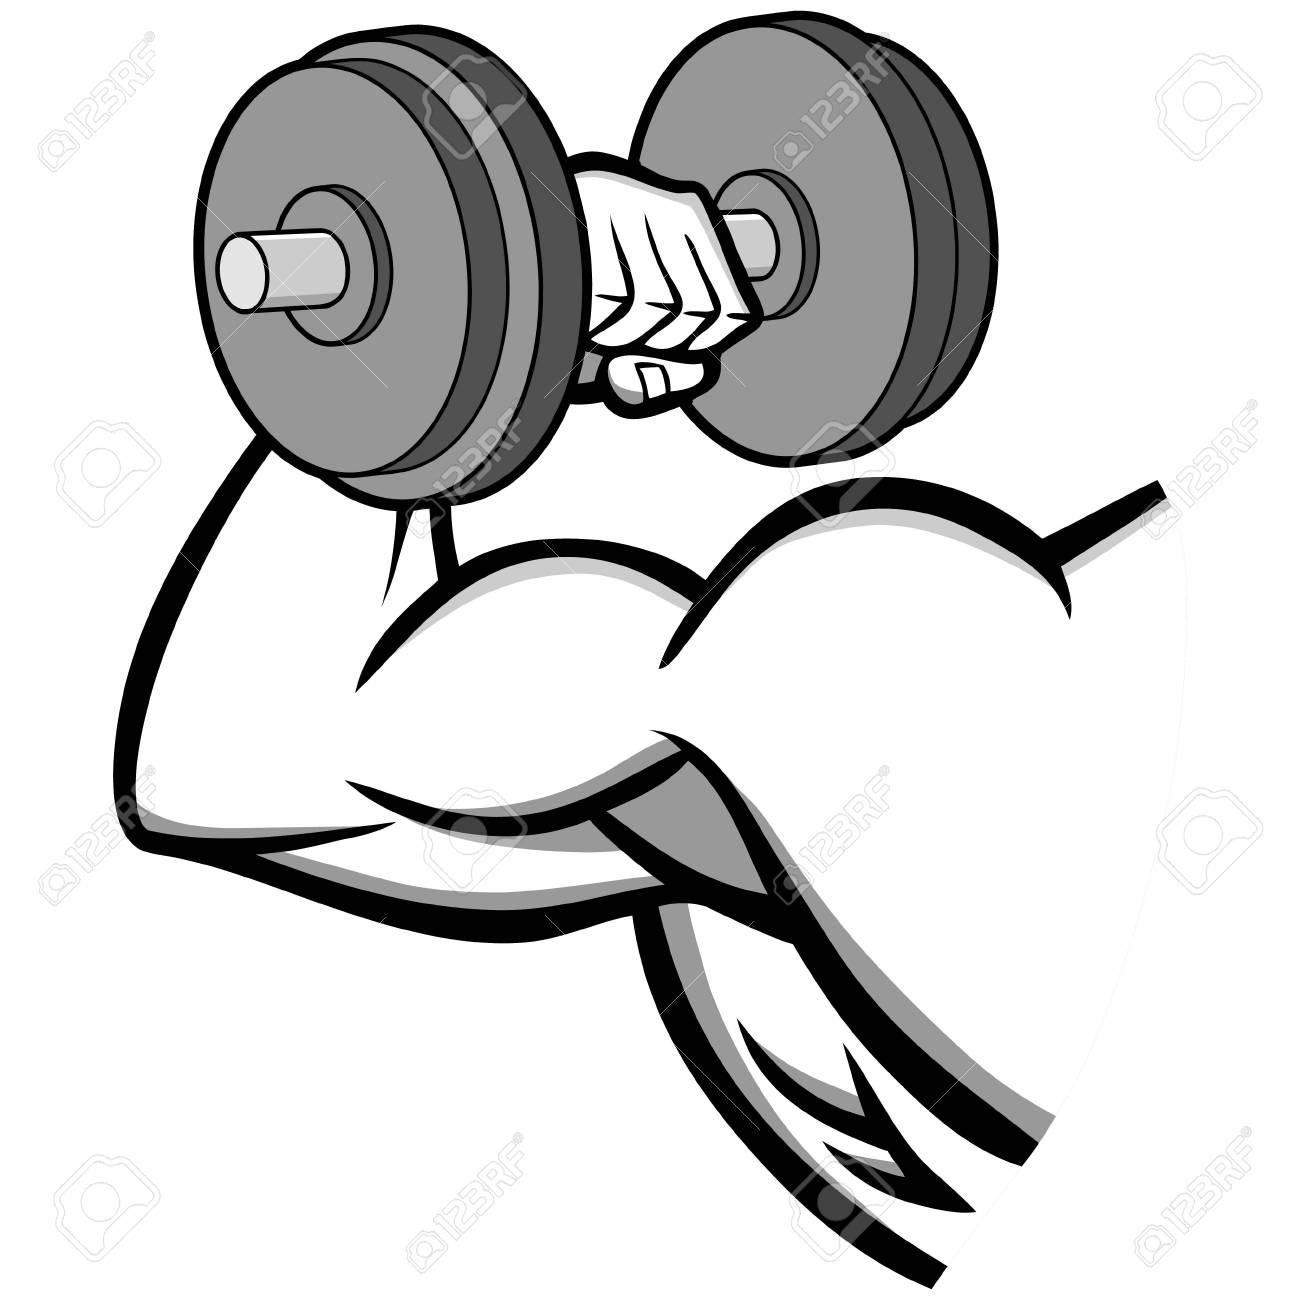 Bodybuilding Illustration - Une Illustration Vectorielle D & # 39 ; Un Dessin Animé De La Musculation Clip Art Libres De Droits , Vecteurs Et Illustration. Image 91477793.